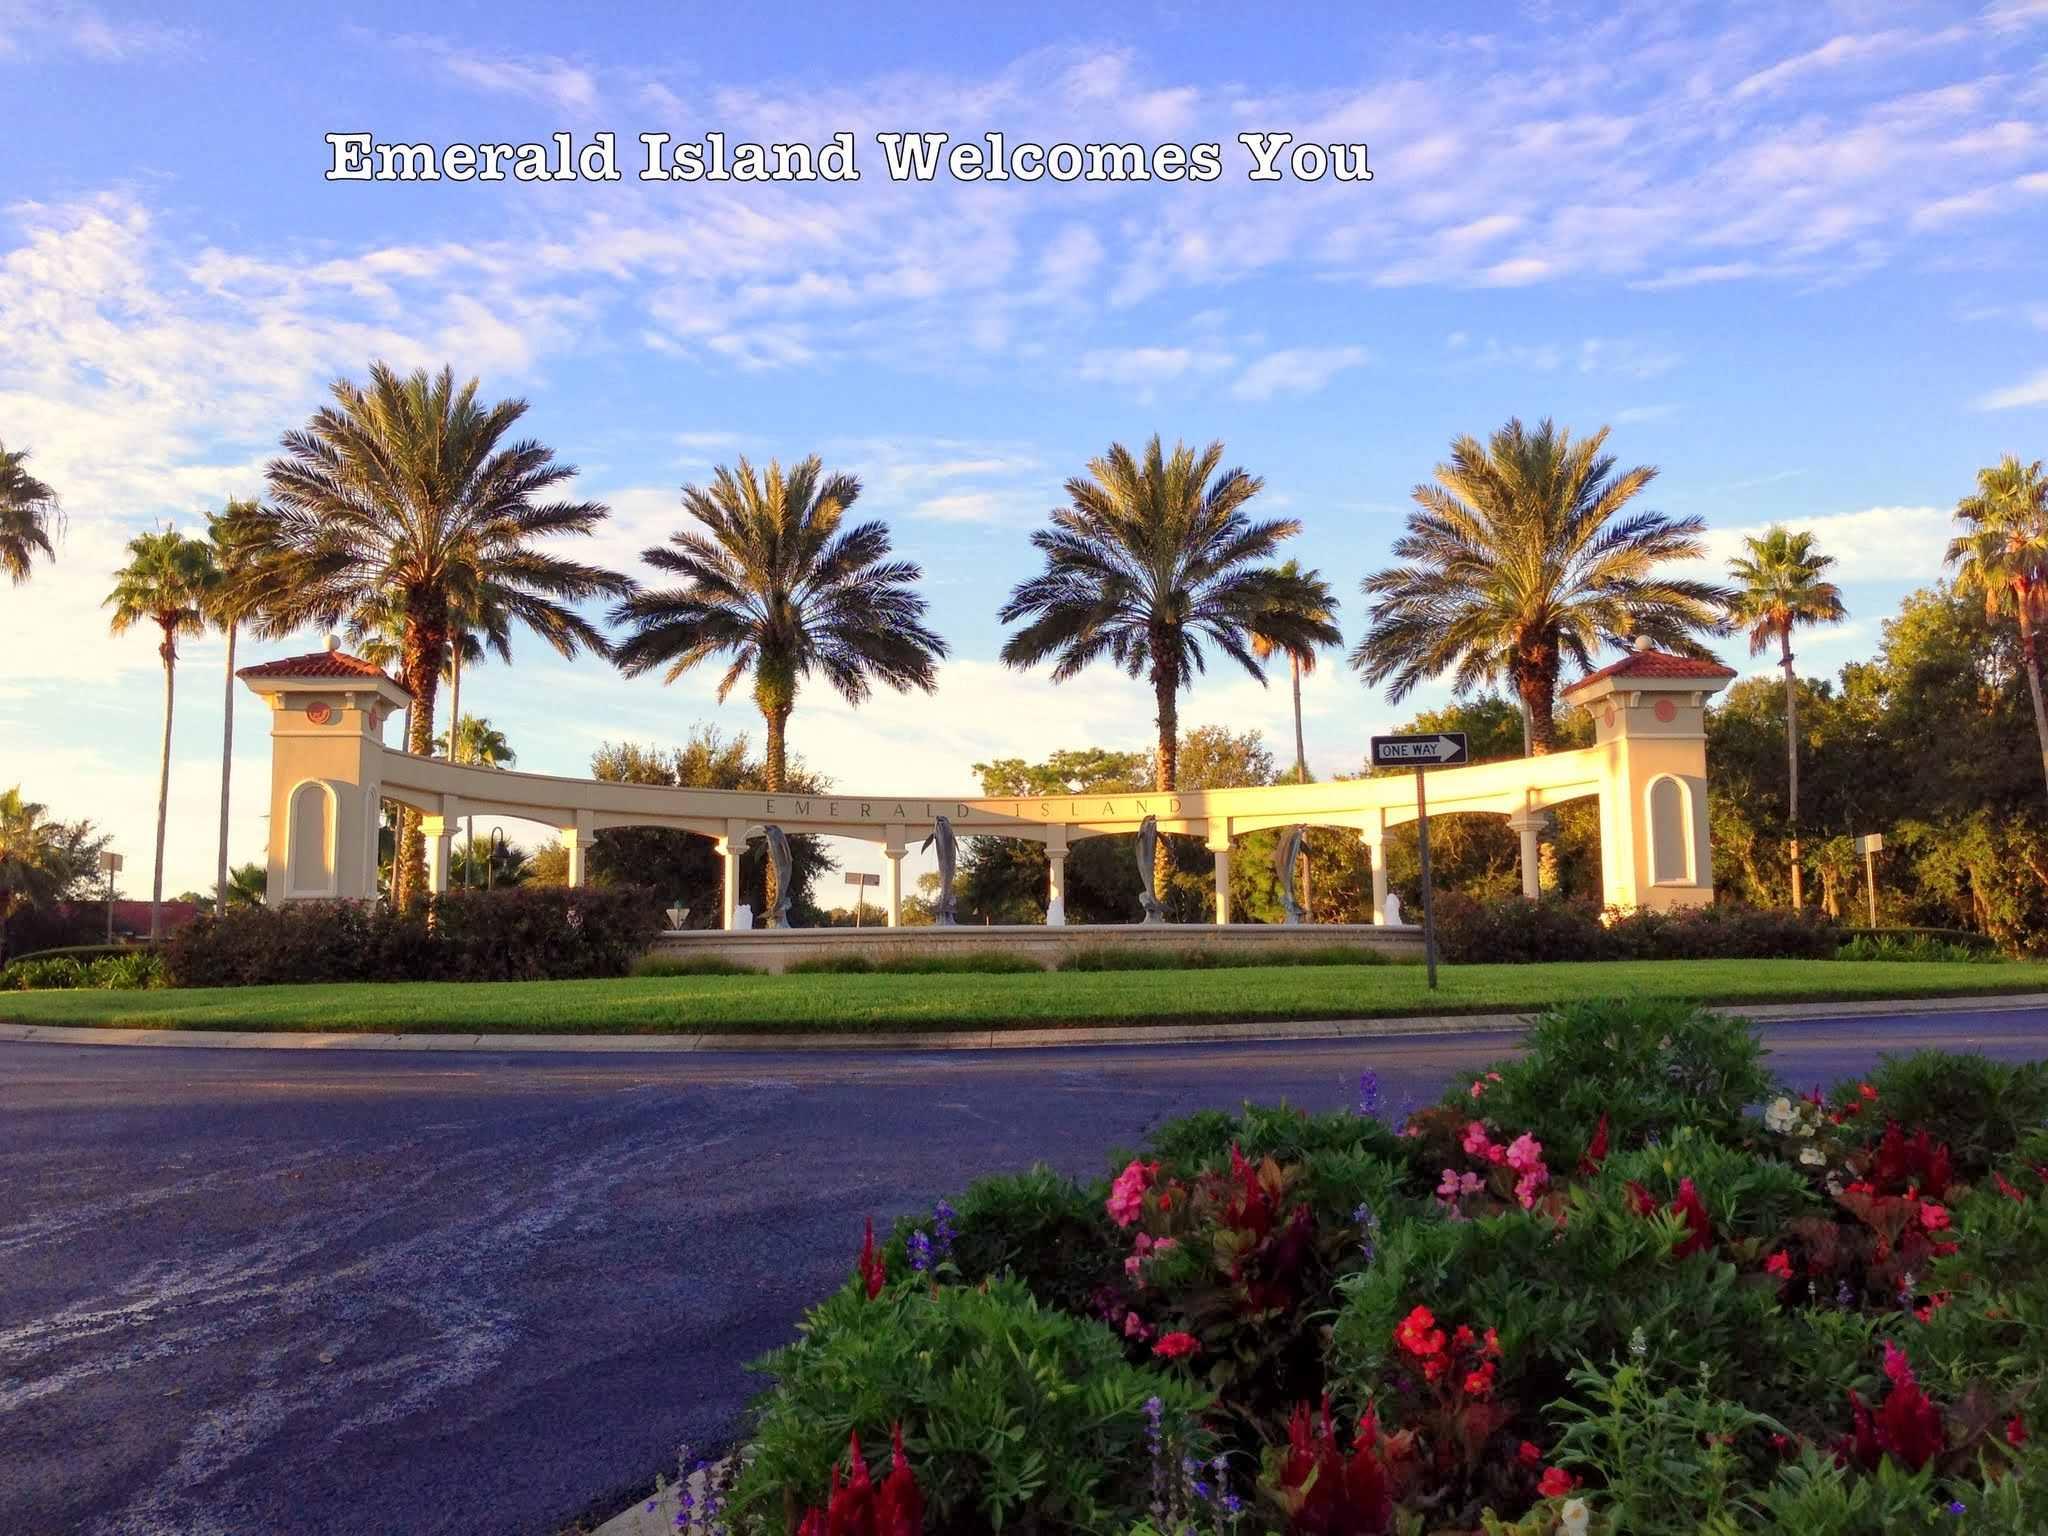 Emerald Island Resort Welcomes You